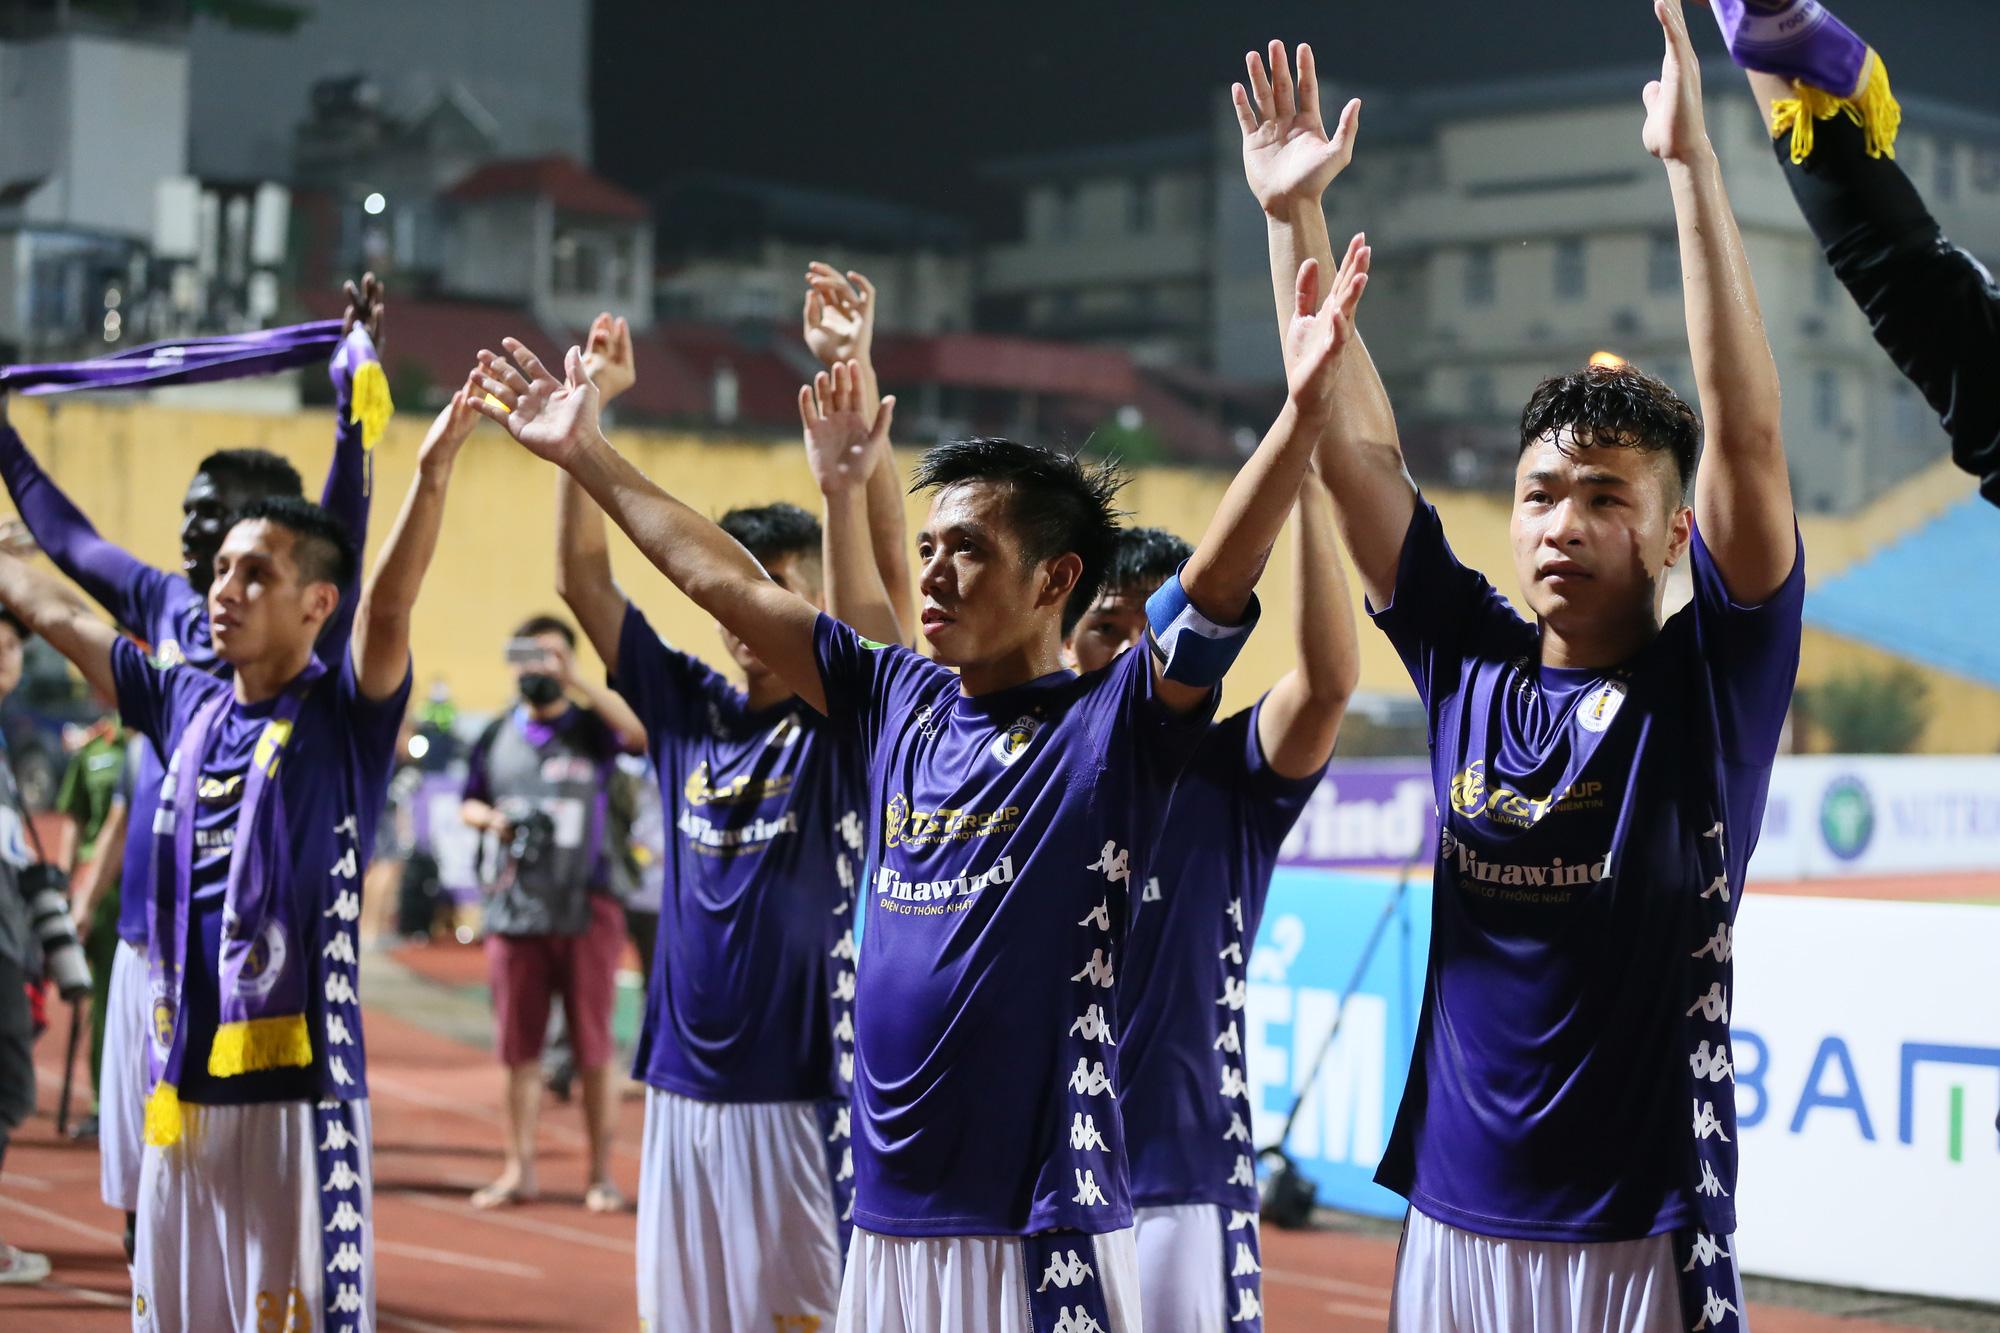 Hà Nội T&T: 15 năm thống trị loạt giải đấu quốc nội và khát vọng vươn tầm Châu Á - Ảnh 2.